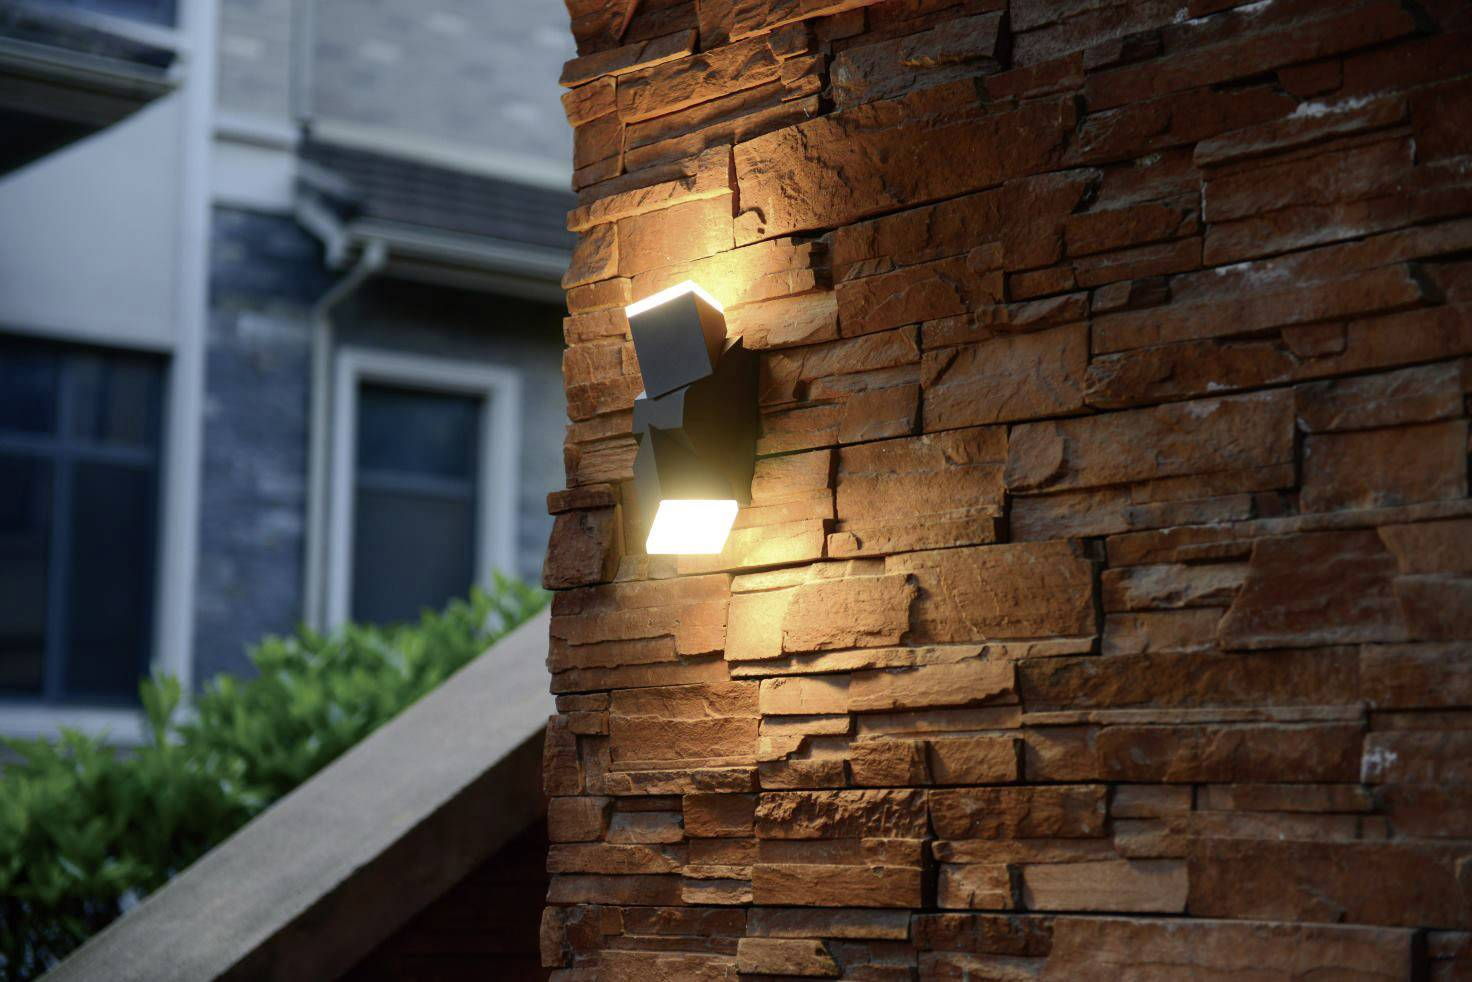 LED nástěnné světlo Polarlite DoubleSpot 13 PL-8232015, 13 W, teplá bílá, tmavě šedá